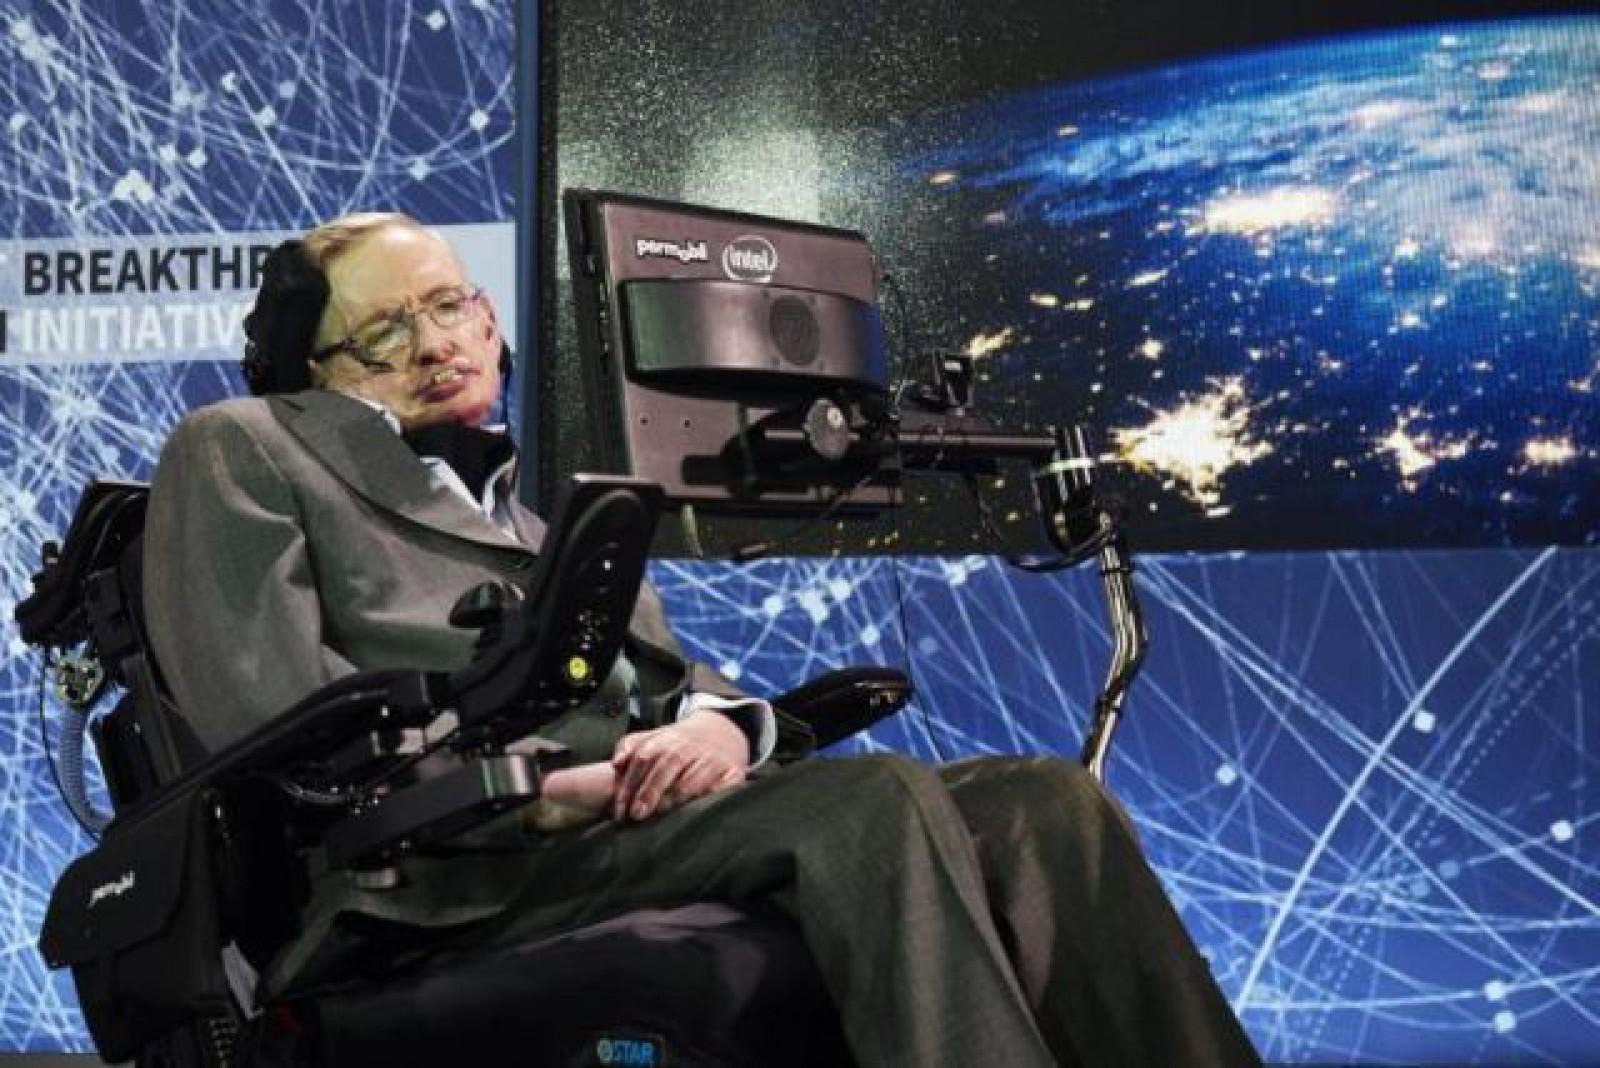 Scurta biografie a lui Stephen Hawking, geniul care ne-a prevenit în legătură cu pericolul reprezentat de Inteligenţa Artificială